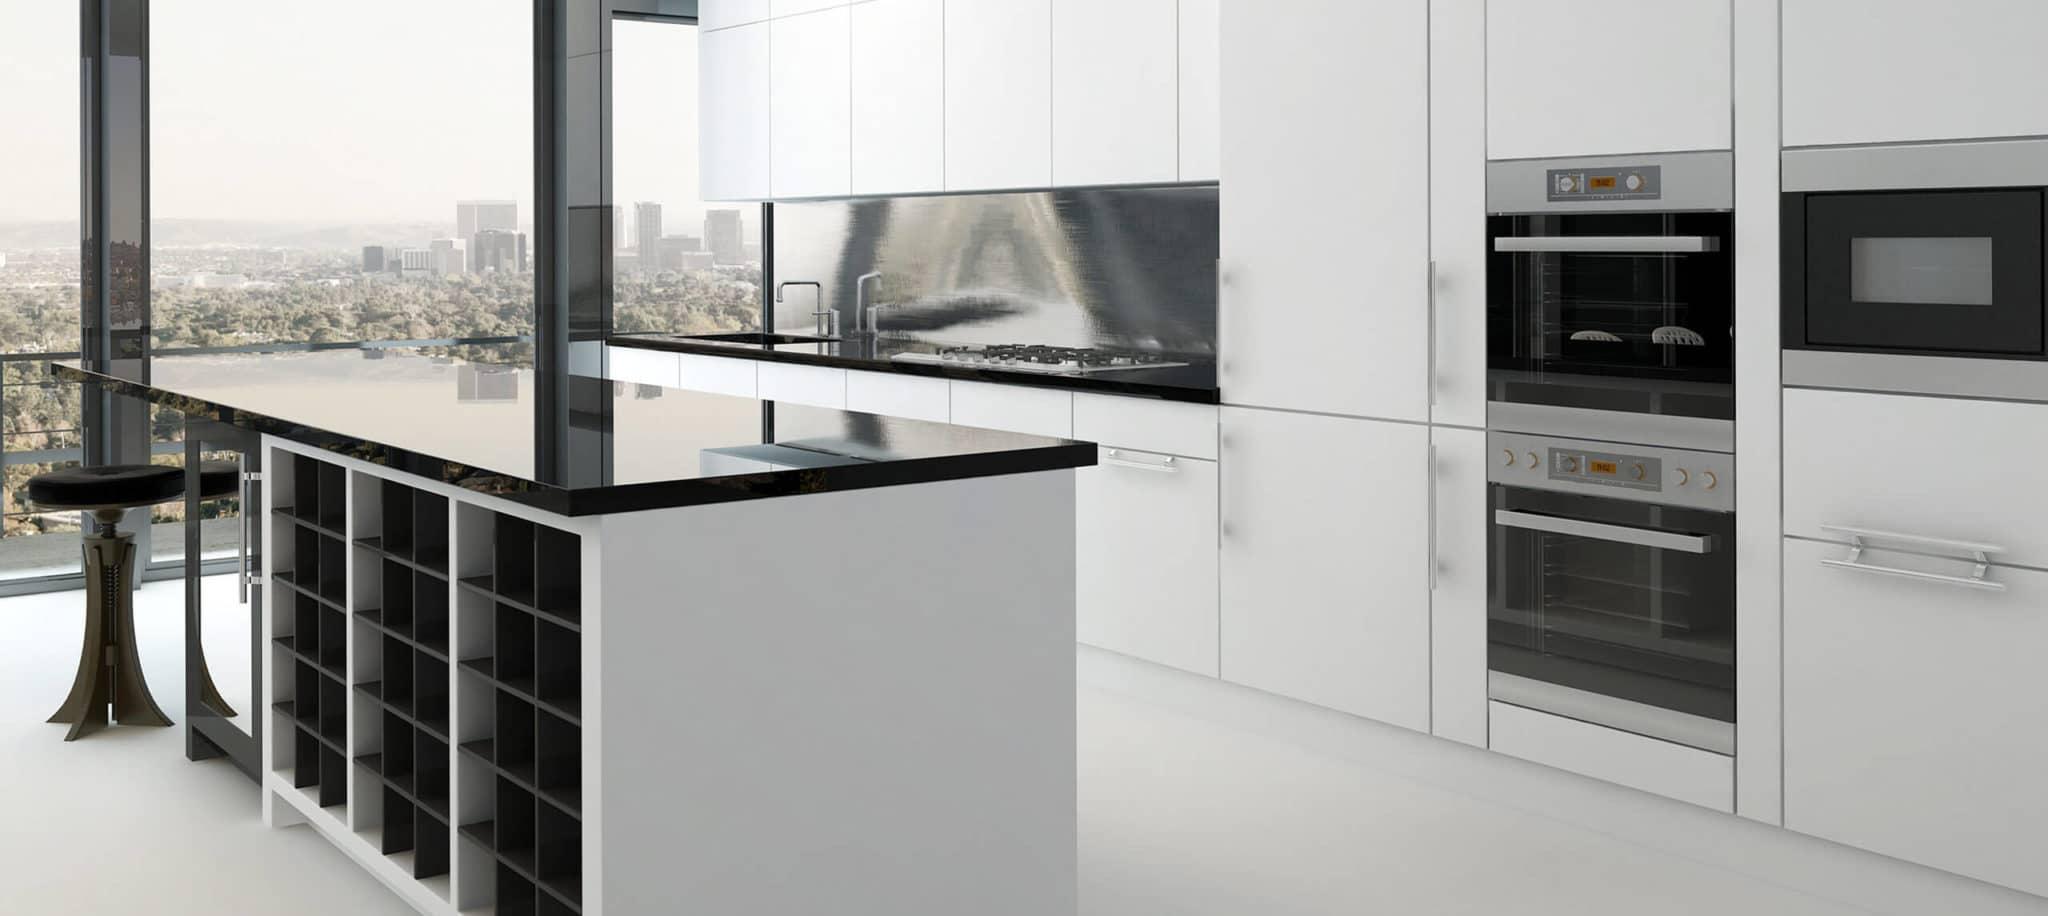 Cocina con isla blanca y negra - muebles de cocina en madrid